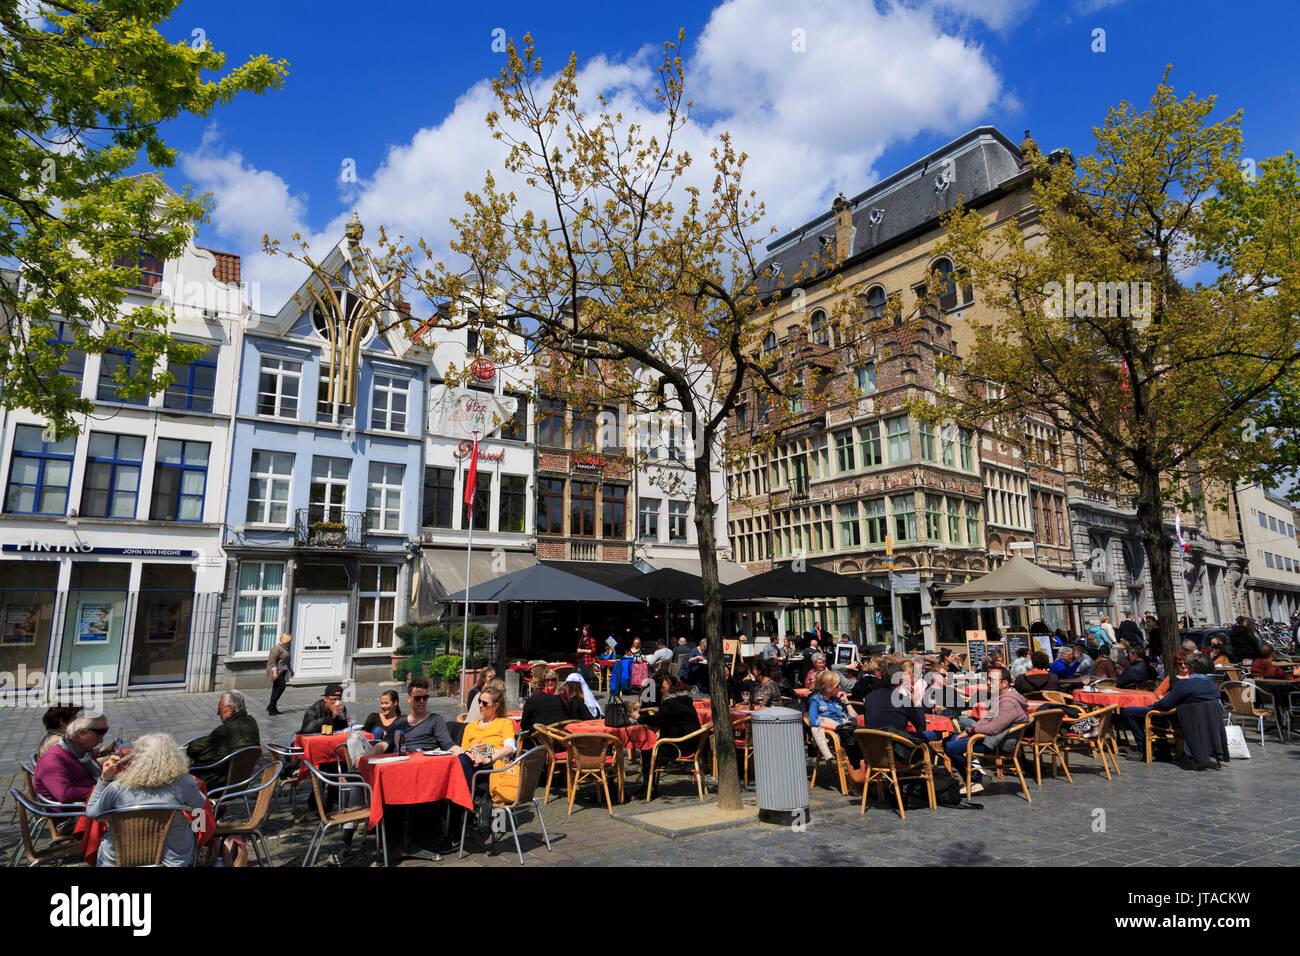 Vrijdag Market, Ghent, East Flanders, Belgium, Europe - Stock Image